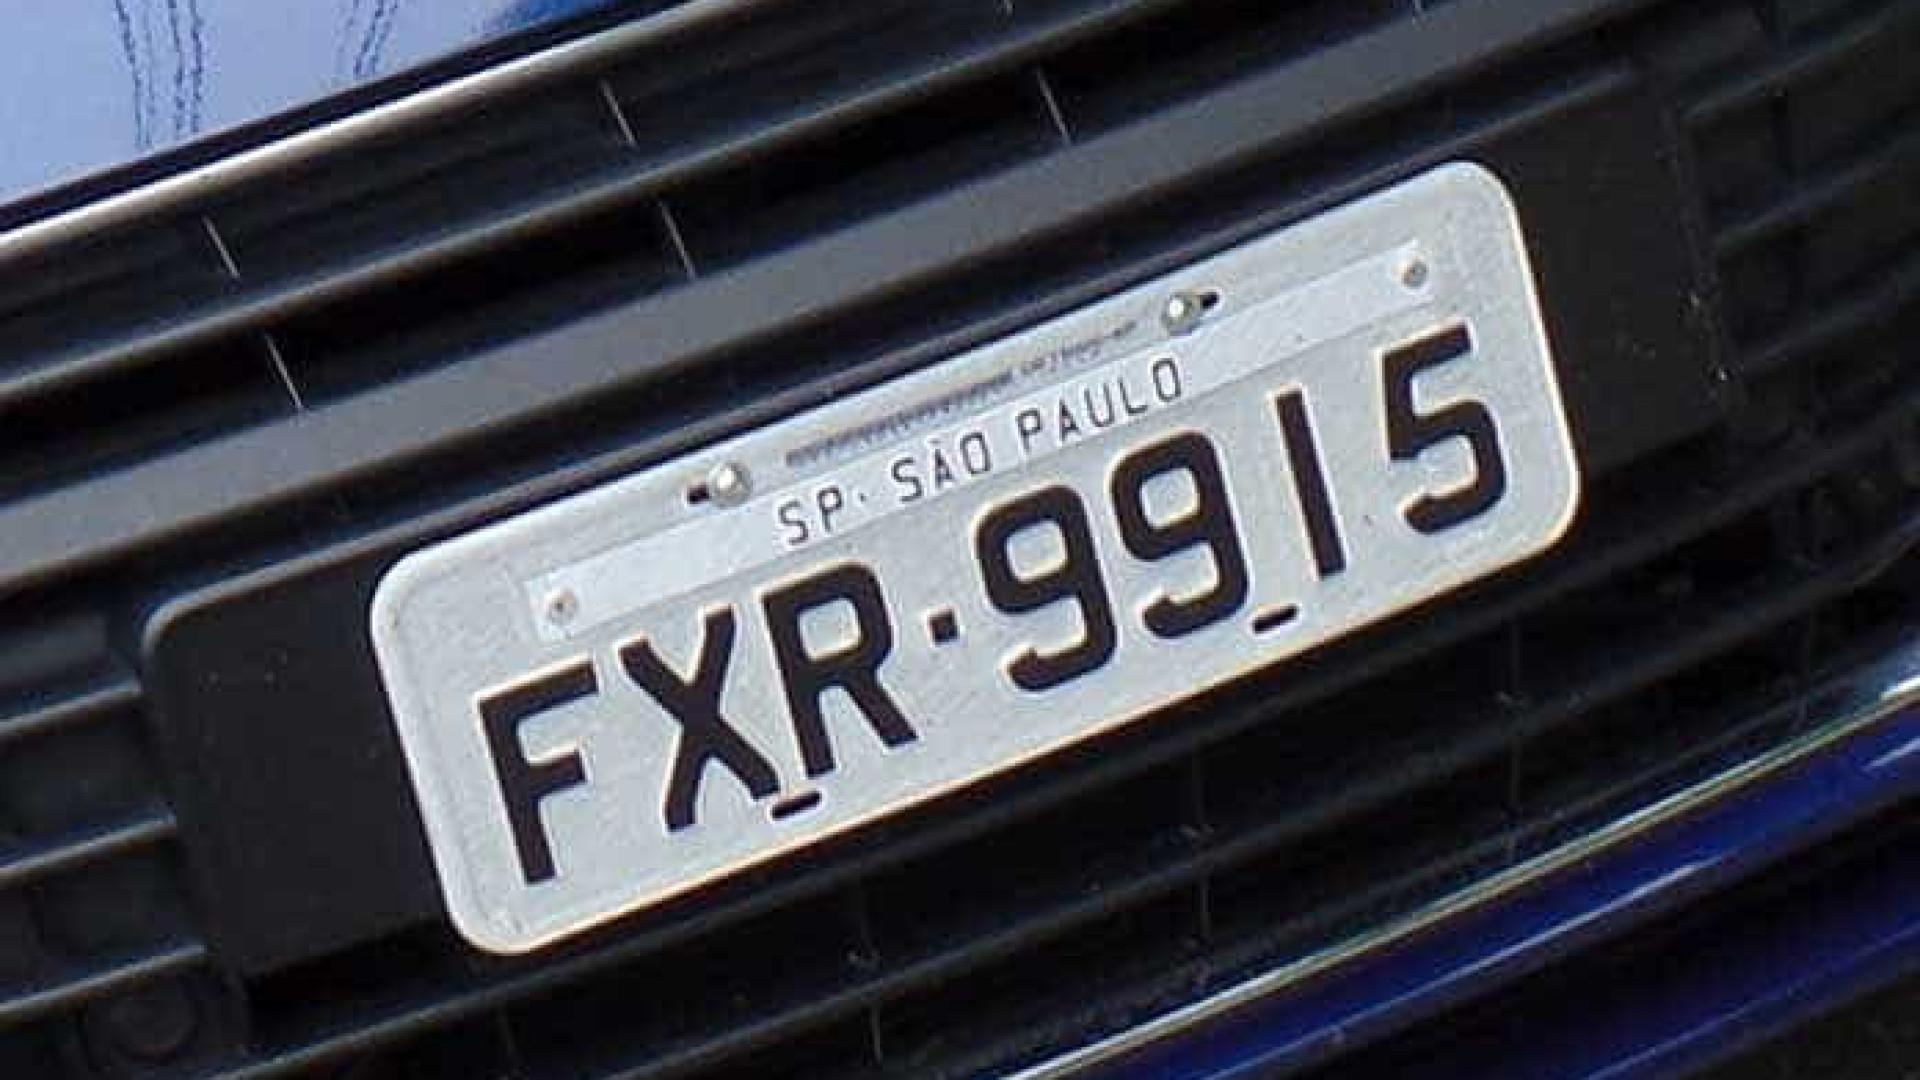 Dono de carro agora pode escolher a placa do veículo em São Paulo